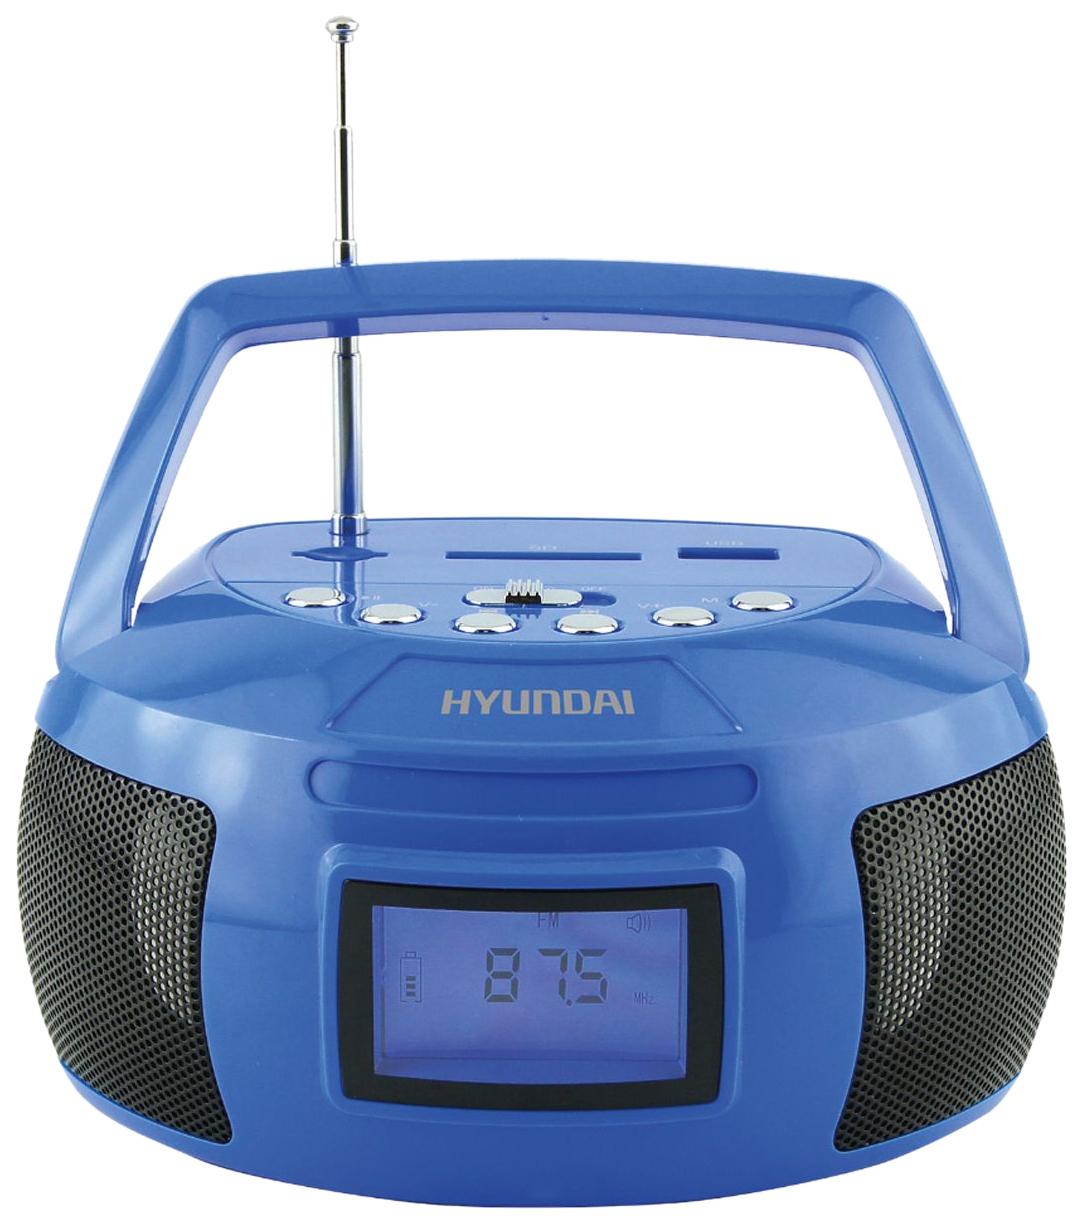 Магнитола Hyundai H-PAS160, купить в Москве, цены в интернет-магазинах на goods.ru